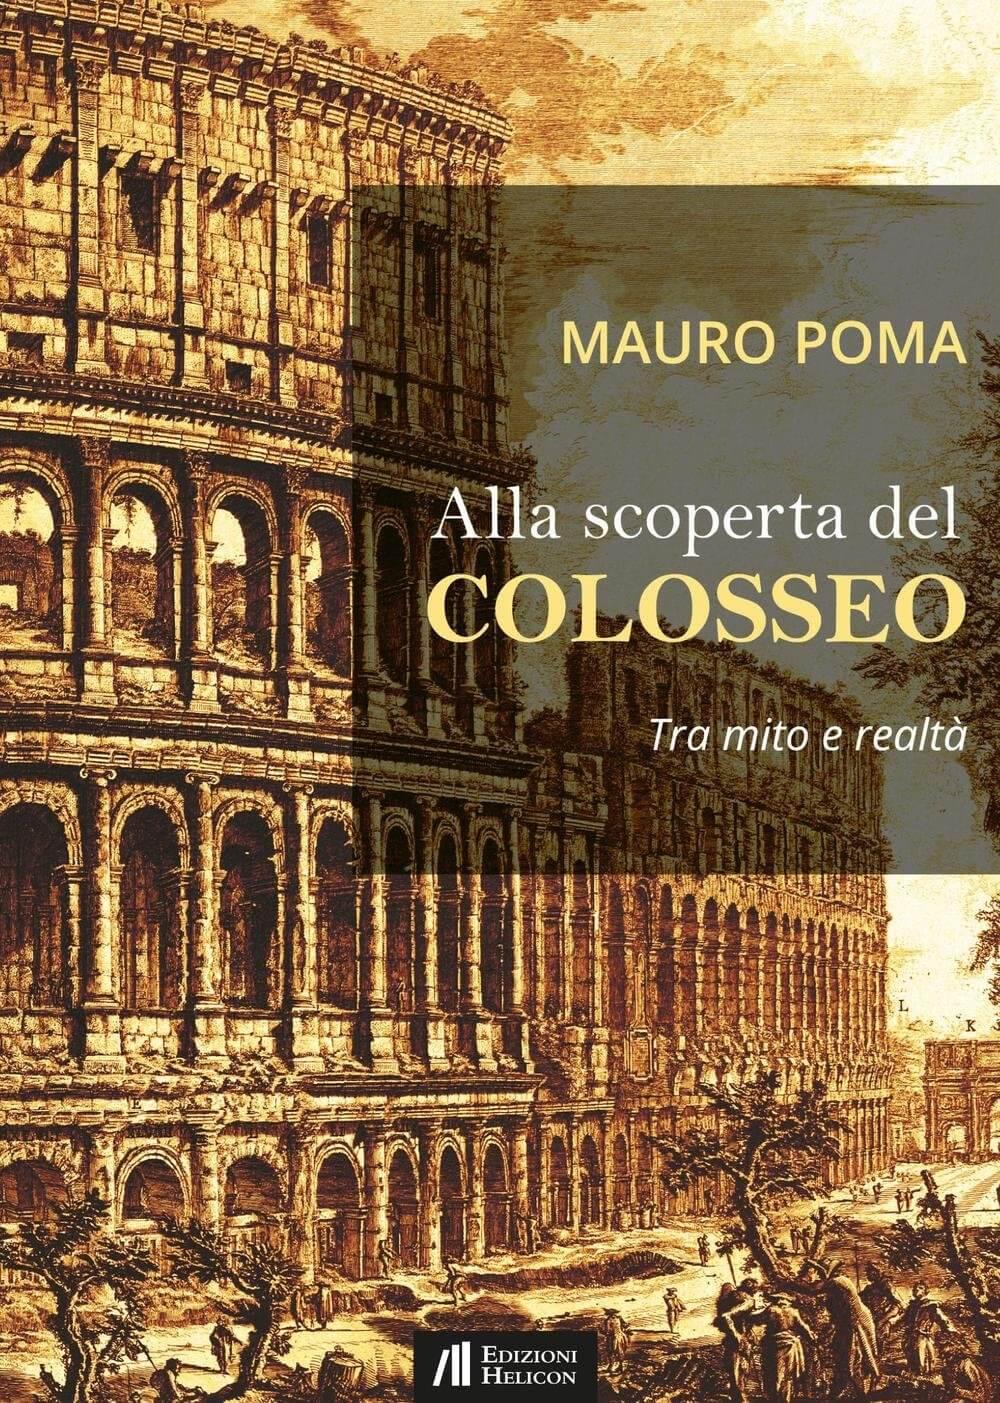 Realizzazione copertine libri Alla scoperta del Colosseo